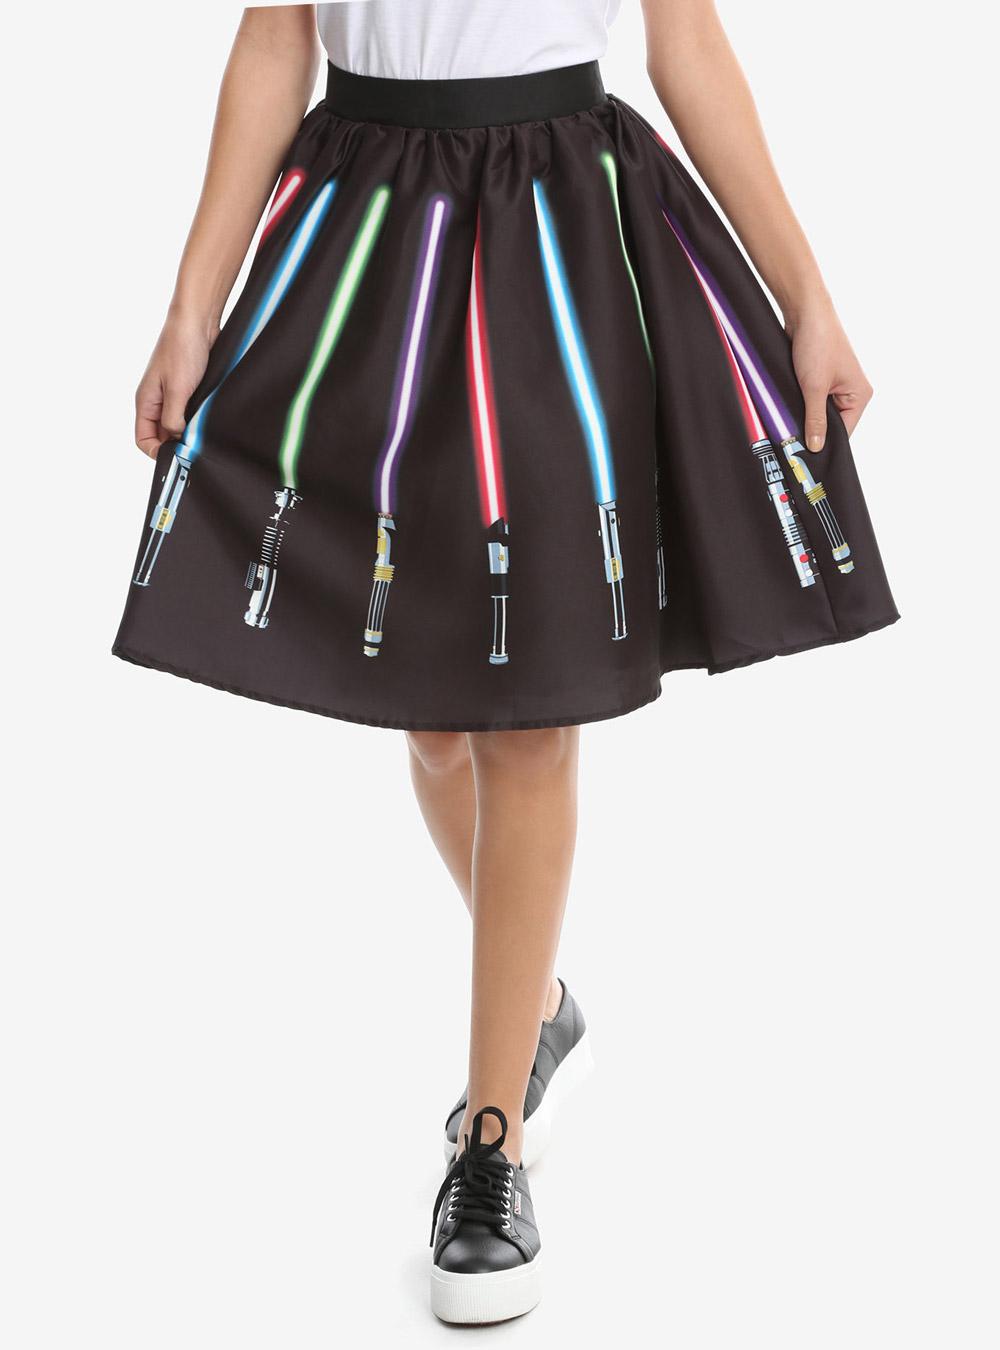 Light Saber Skirt